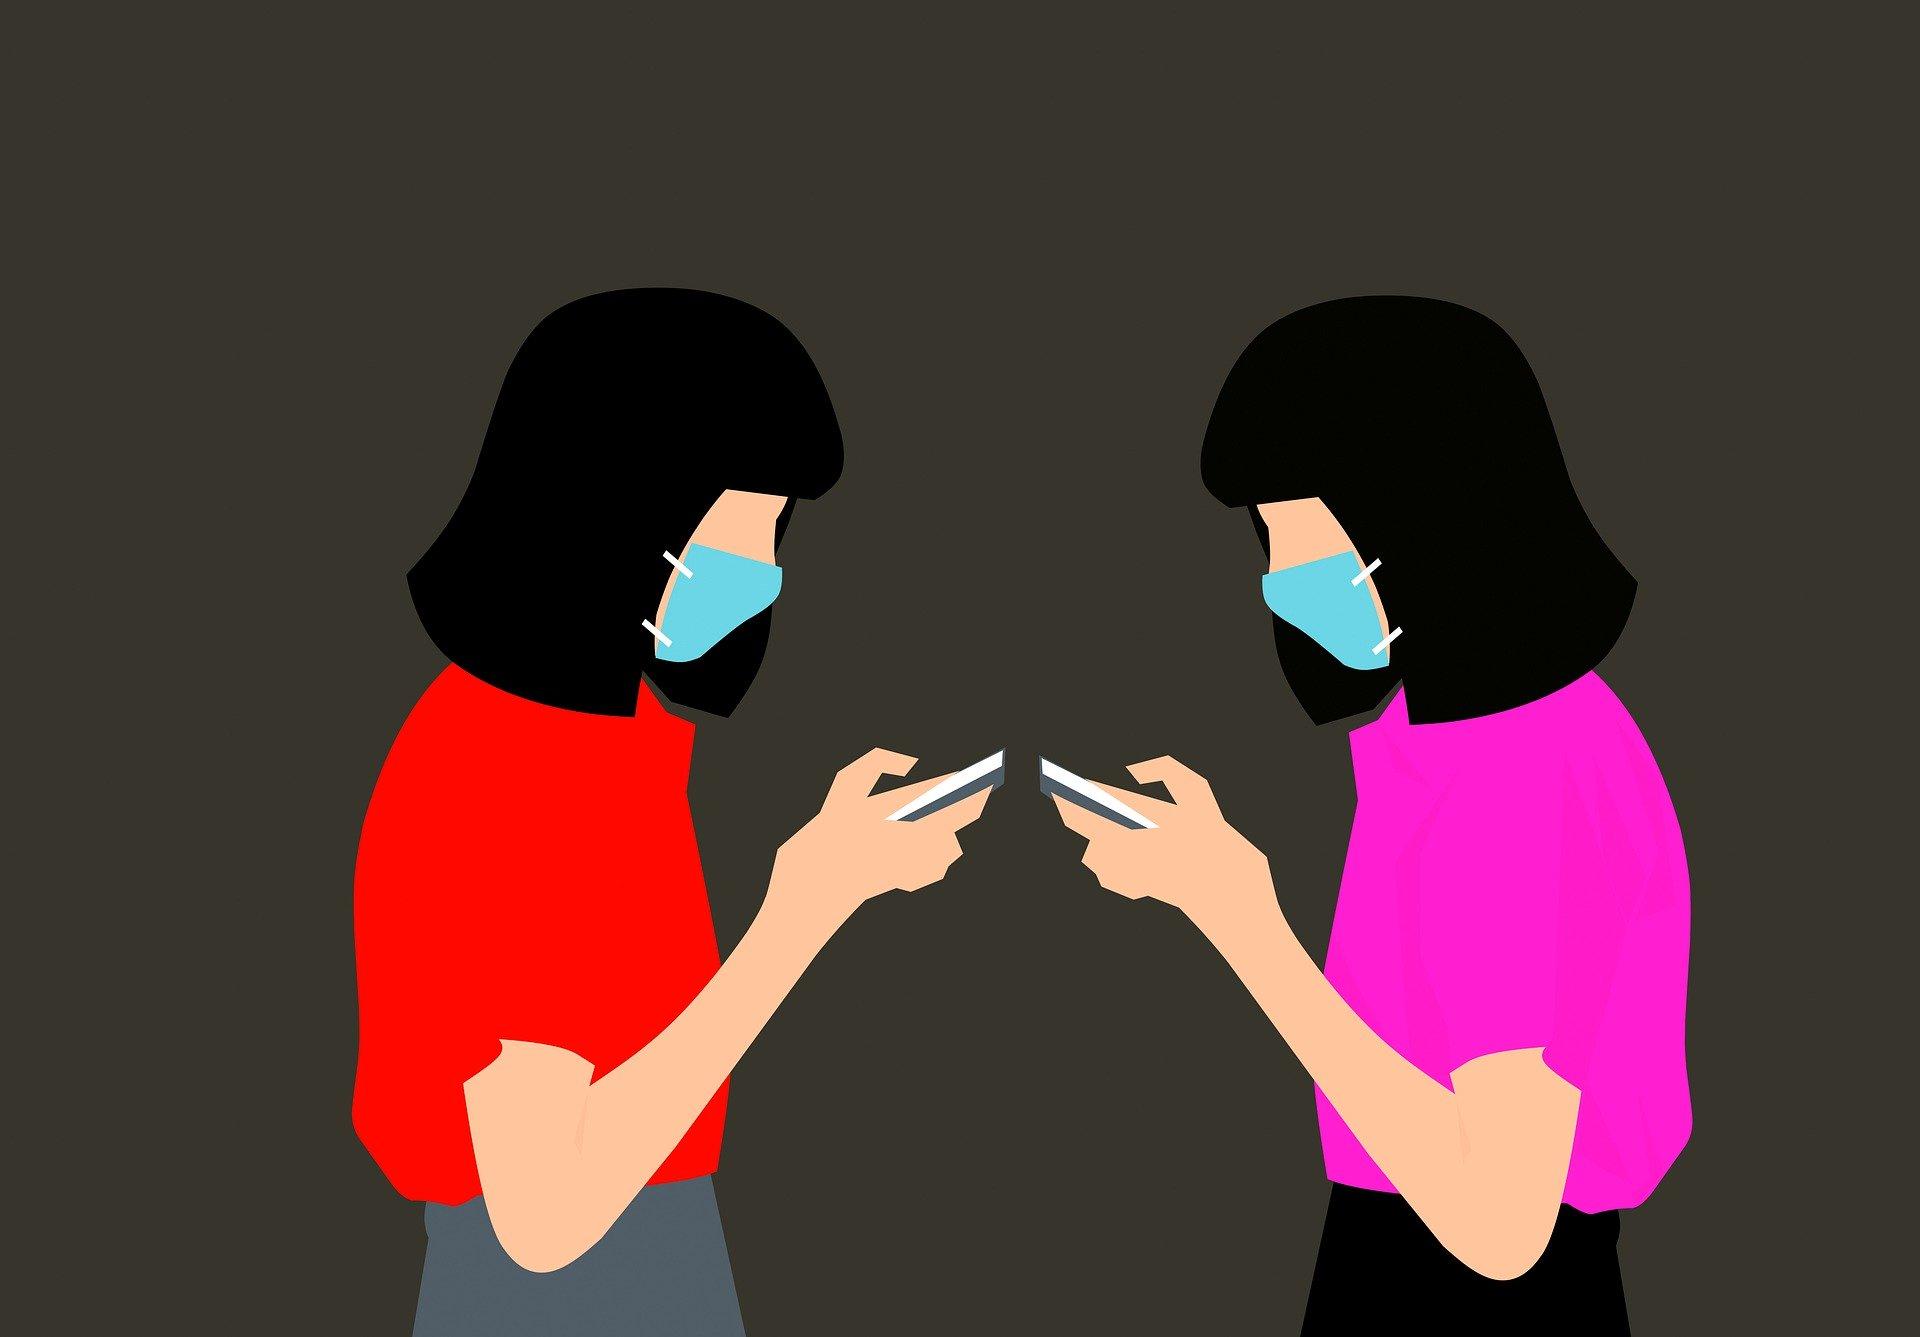 נשים במסיכות עם סלולרי 🎨 מוחמד חסן